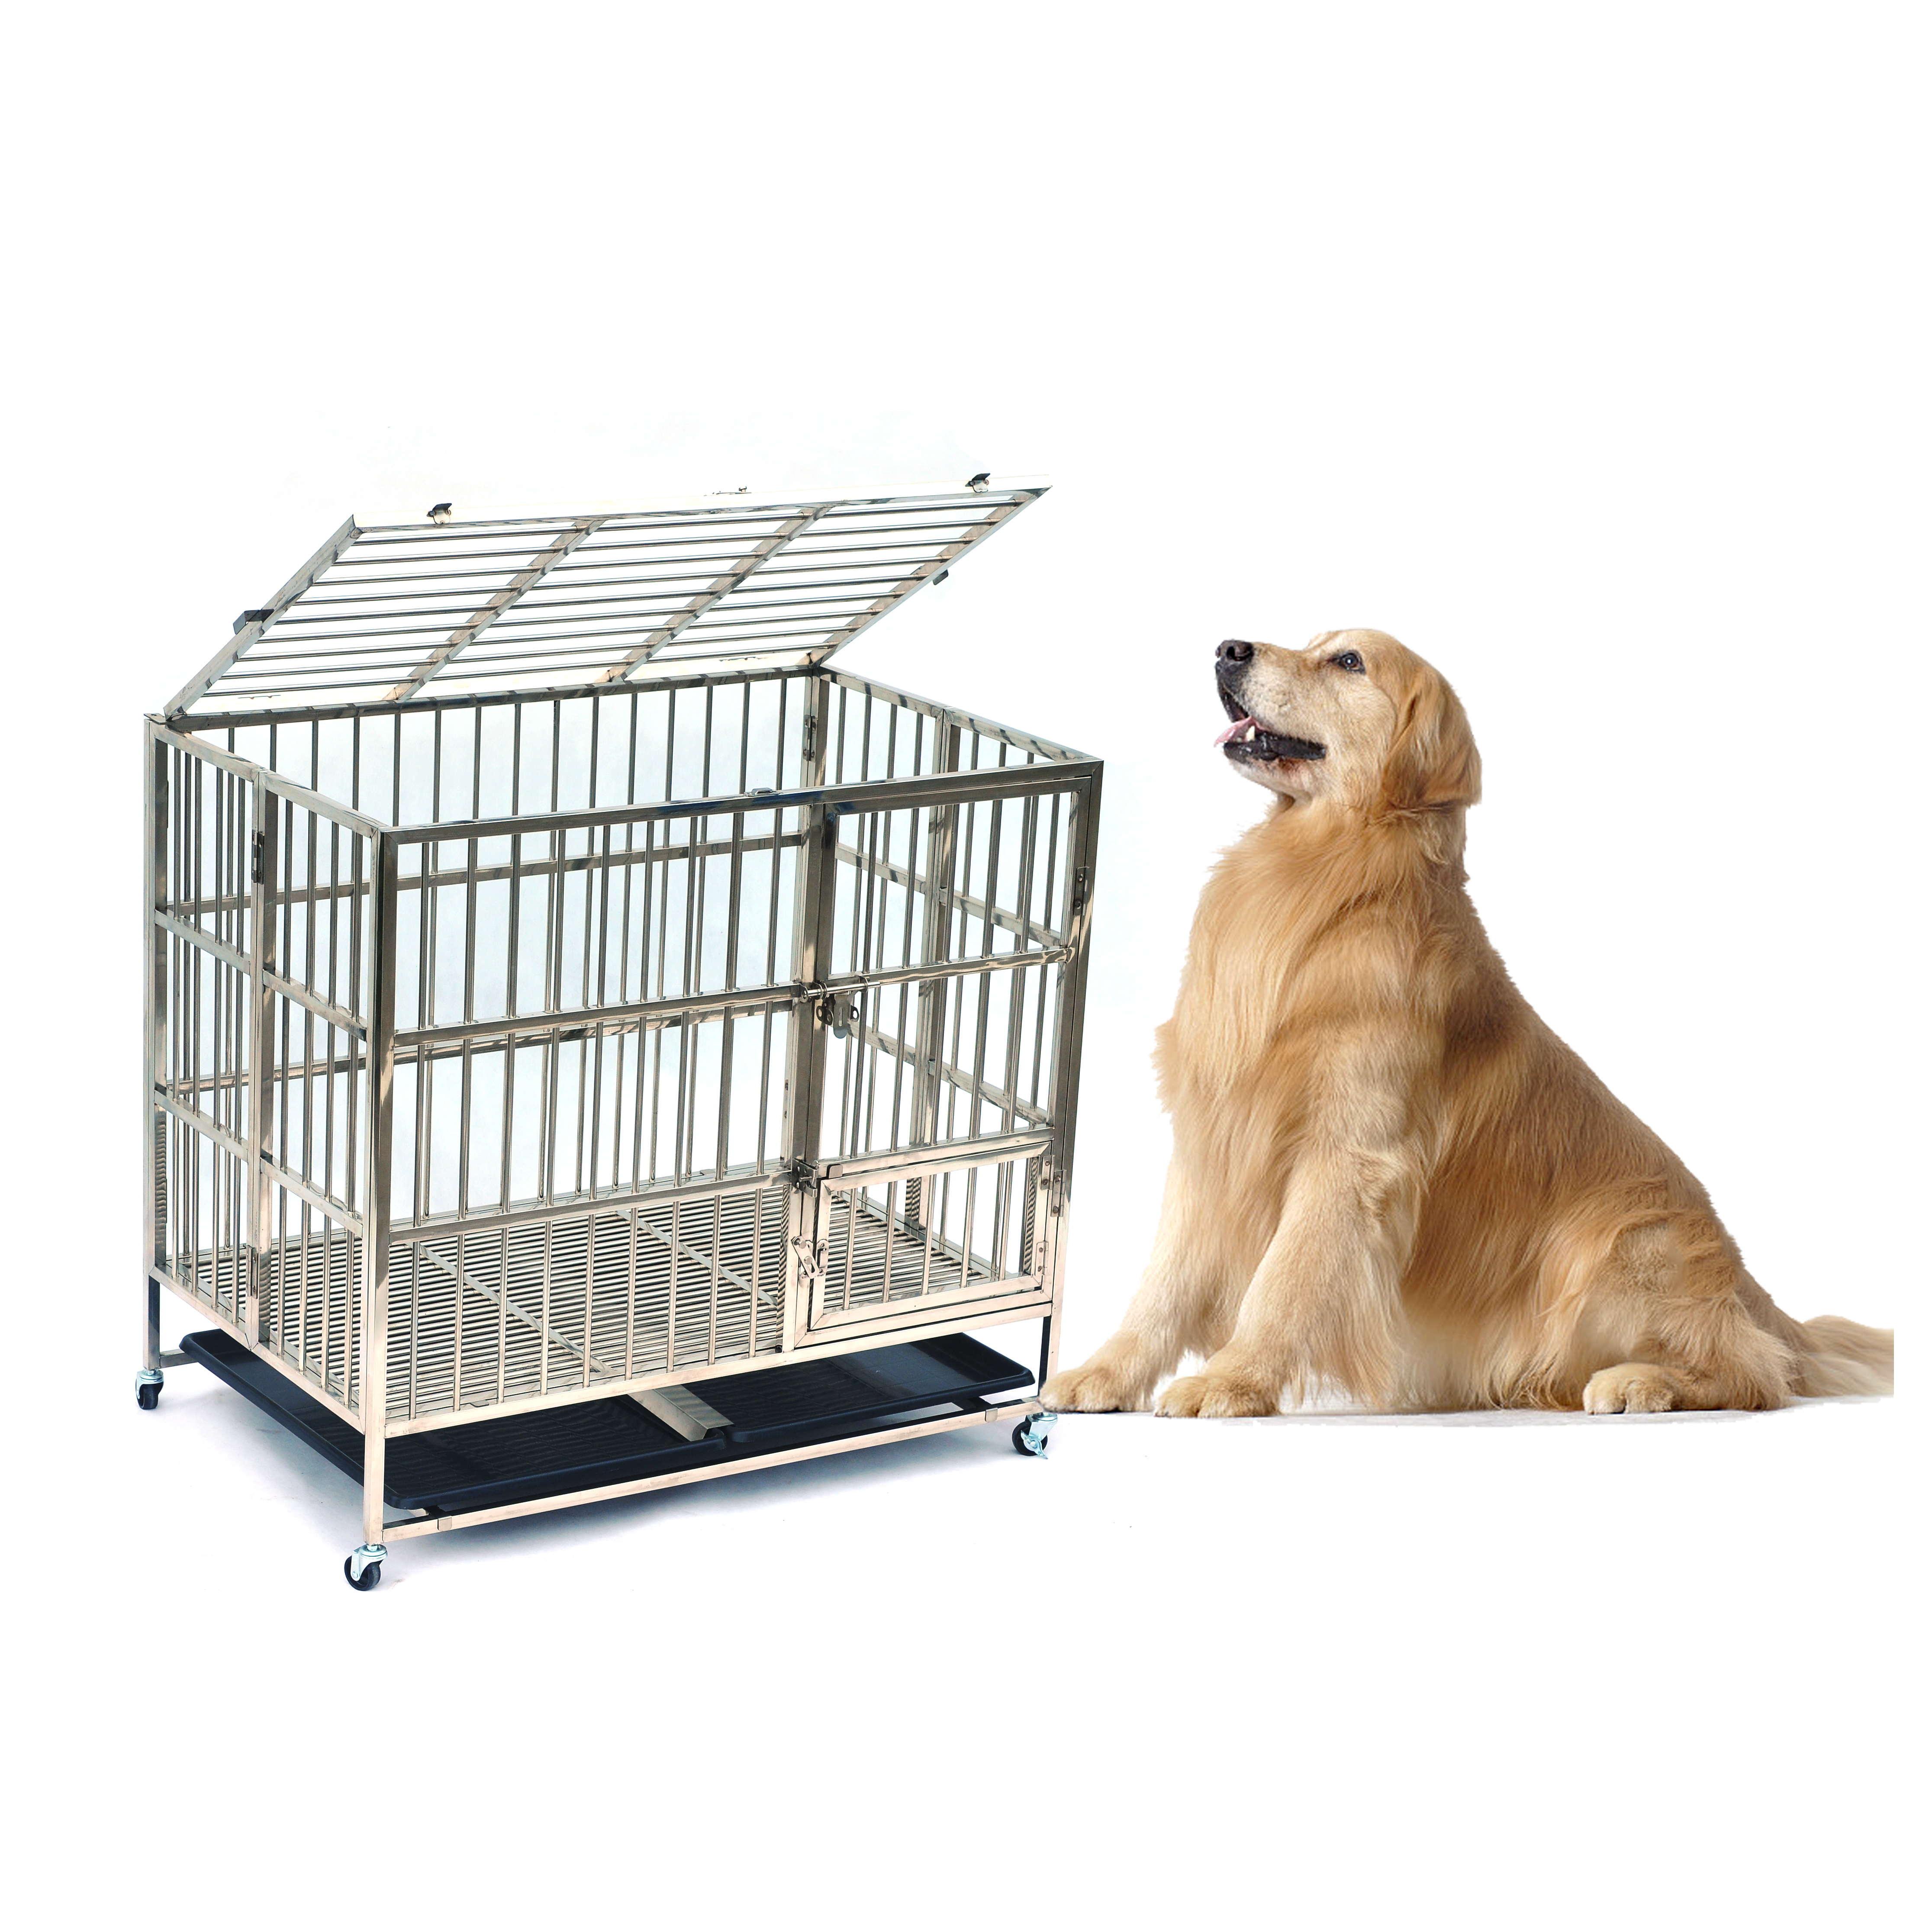 Grossiste Cage Chien A Vendre Acheter Les Meilleurs Cage Chien A Vendre Lots De La Chine Cage Chien A Vendre Grossistes En Ligne Alibaba Com